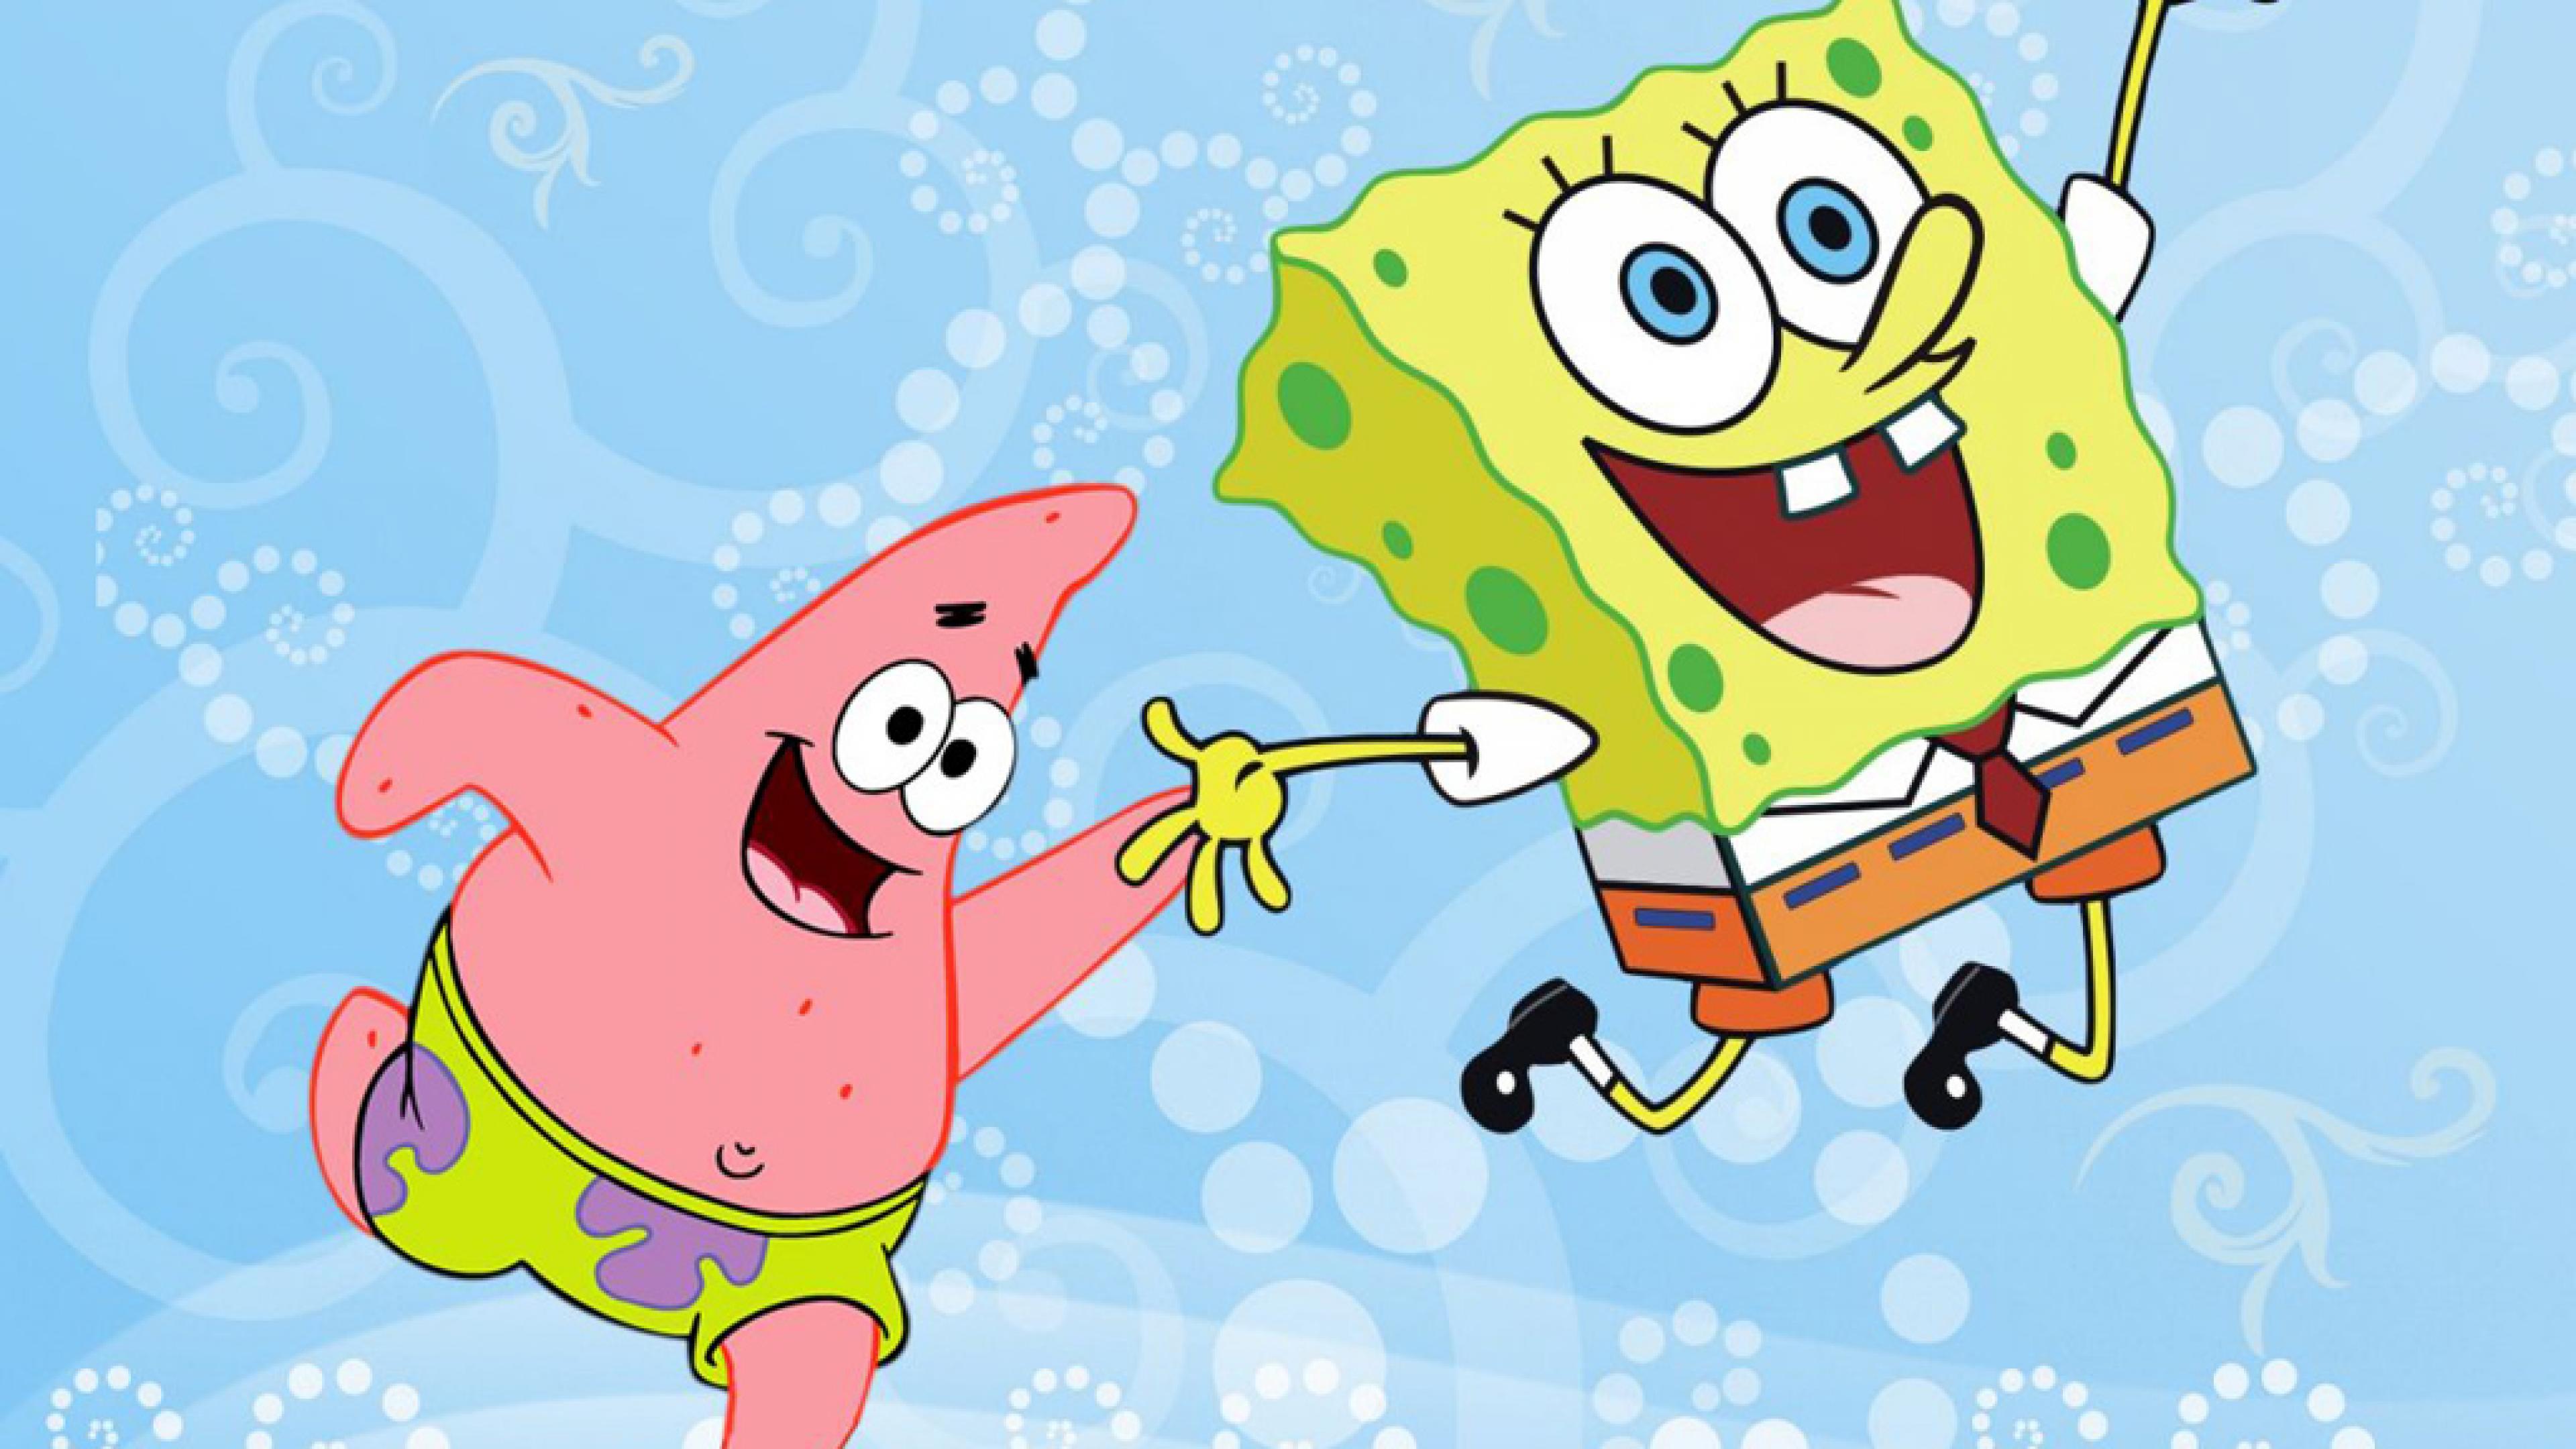 Spongebob and Patrick wallpaper - Spongebob Squarepants ...